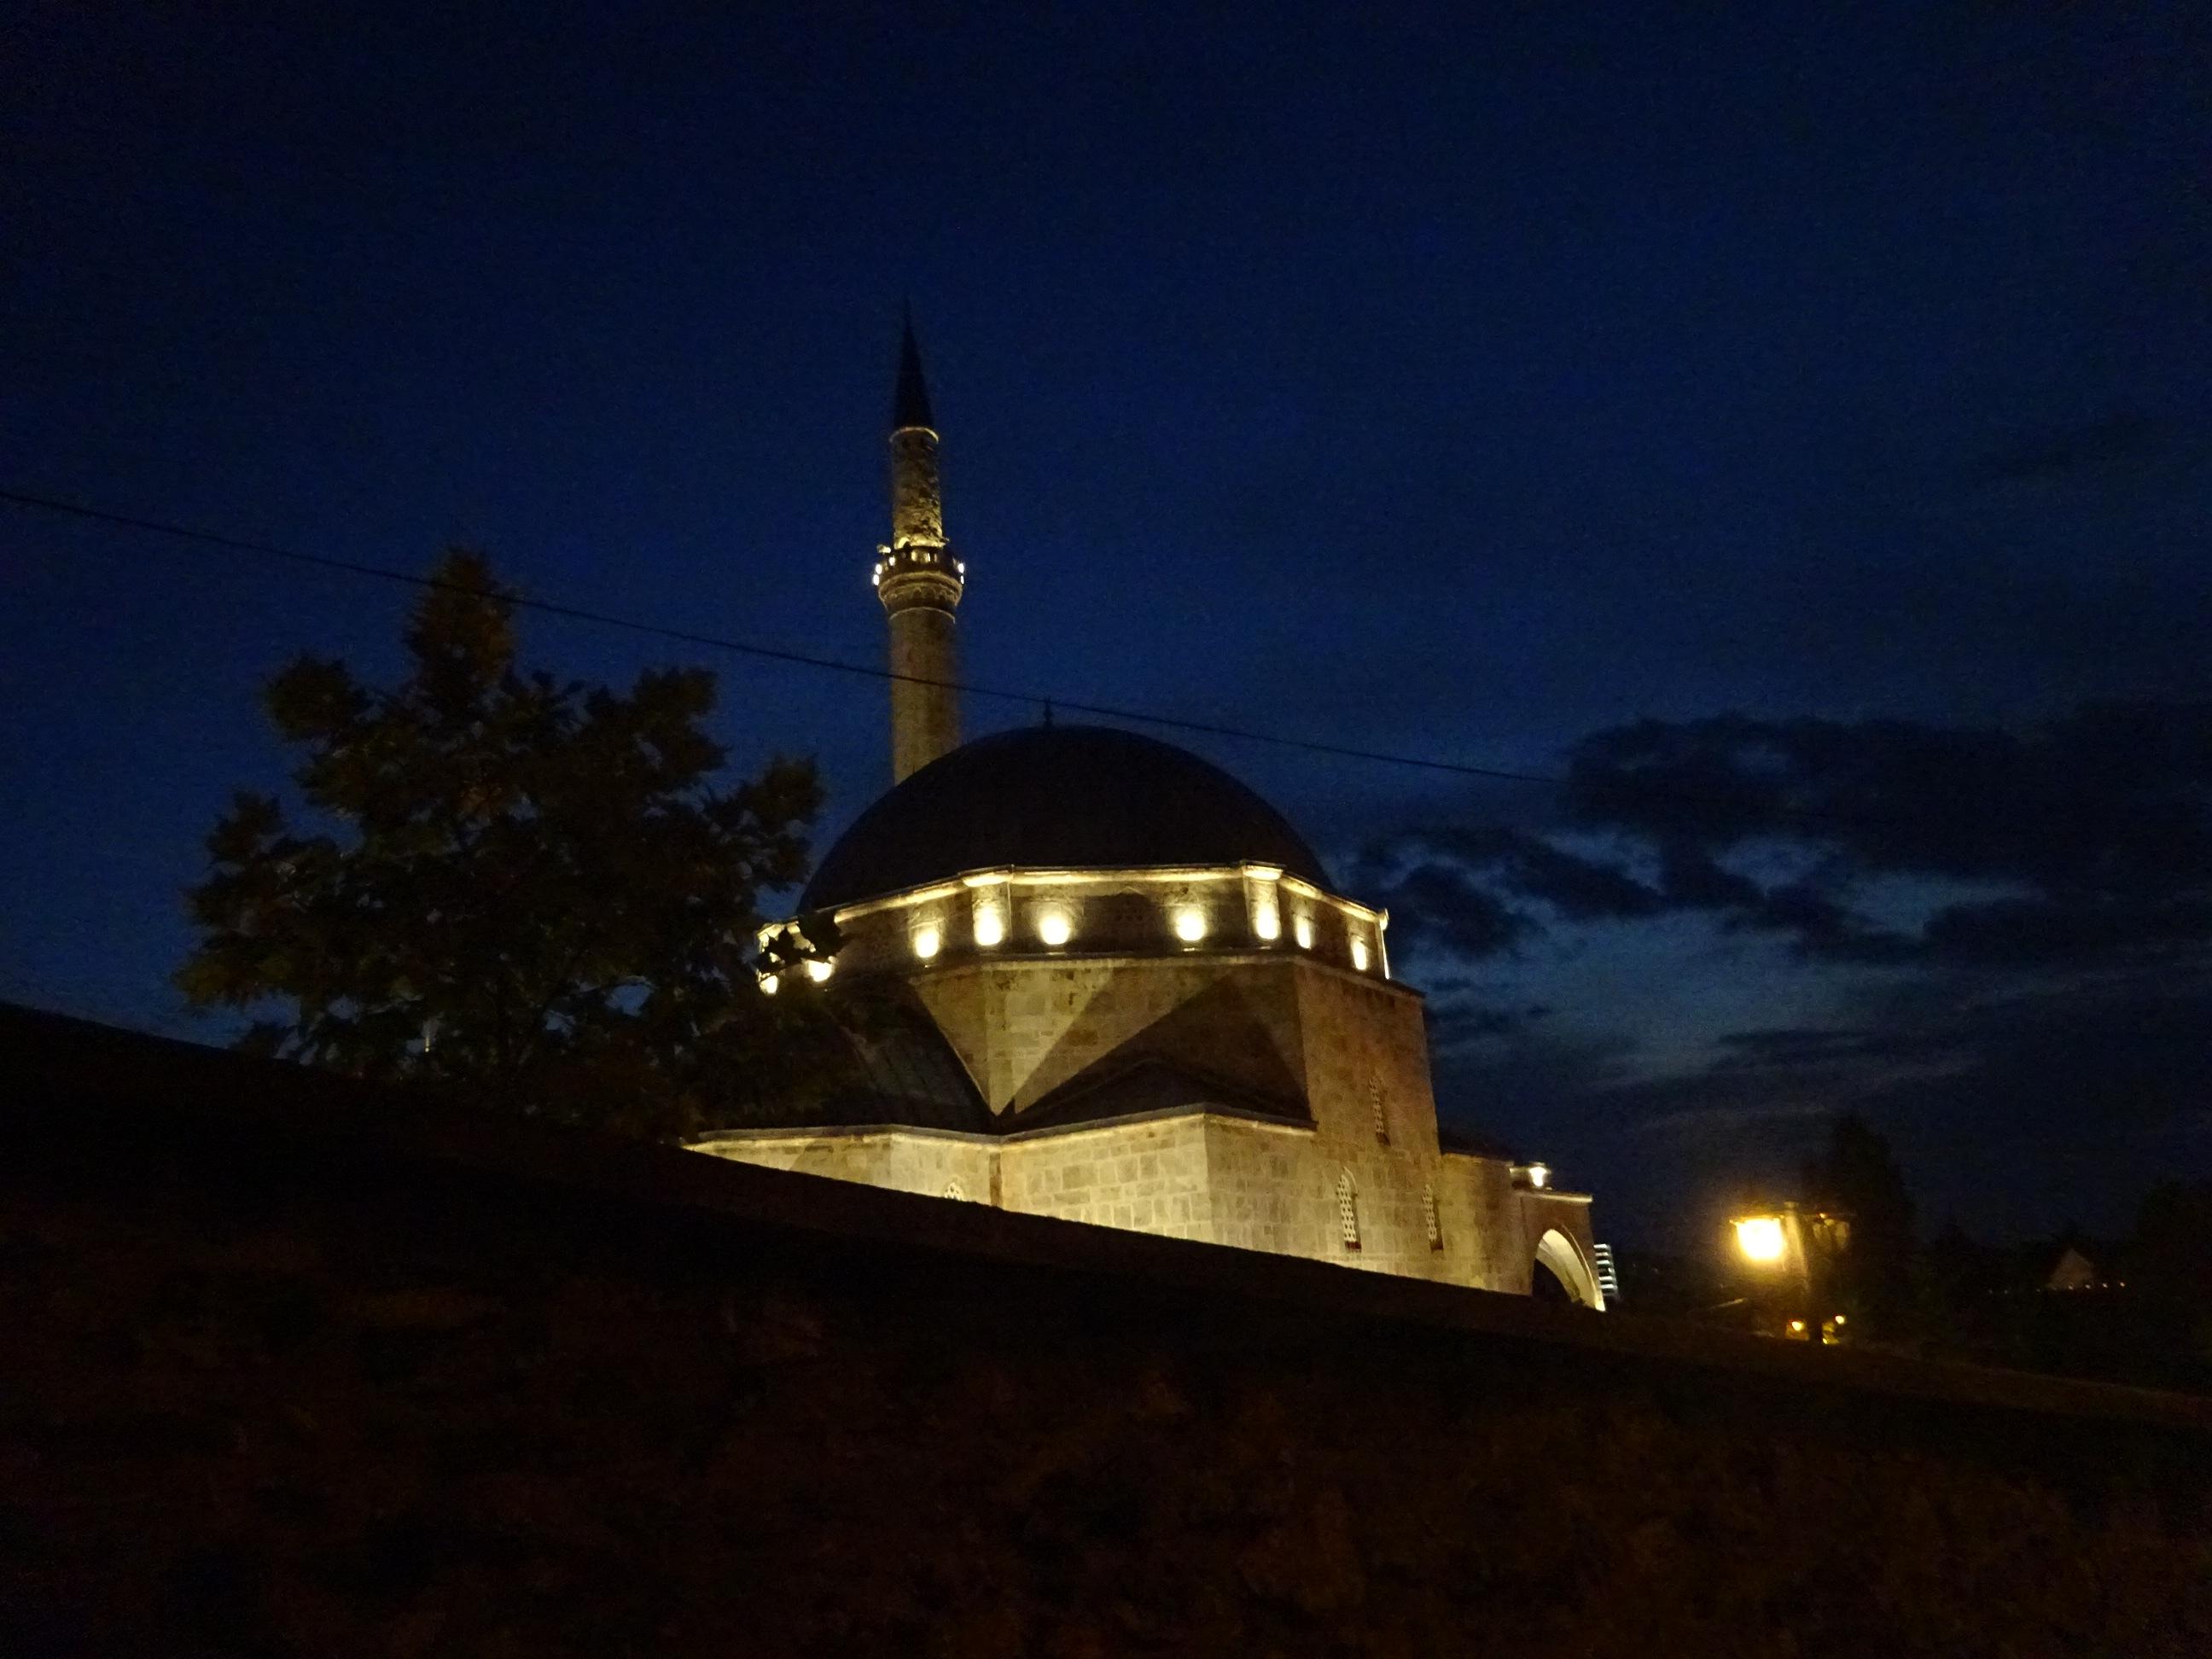 プリズレンの観光「夜のライトアップされたモスク」